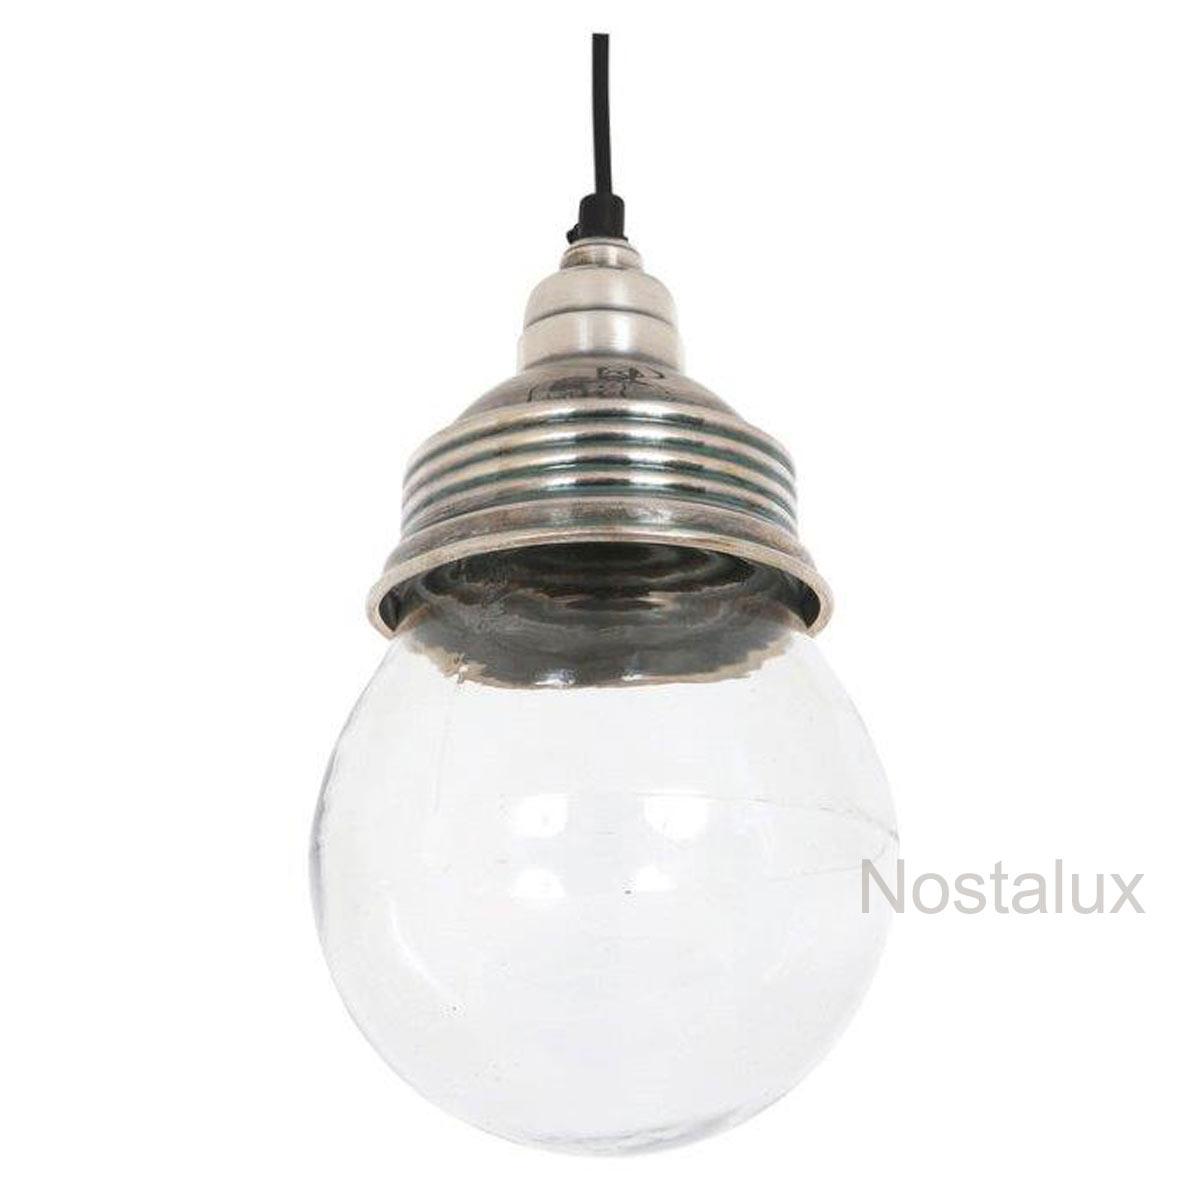 50985-hanglamp-vidro-bol-antiek-zilver-1200x1200